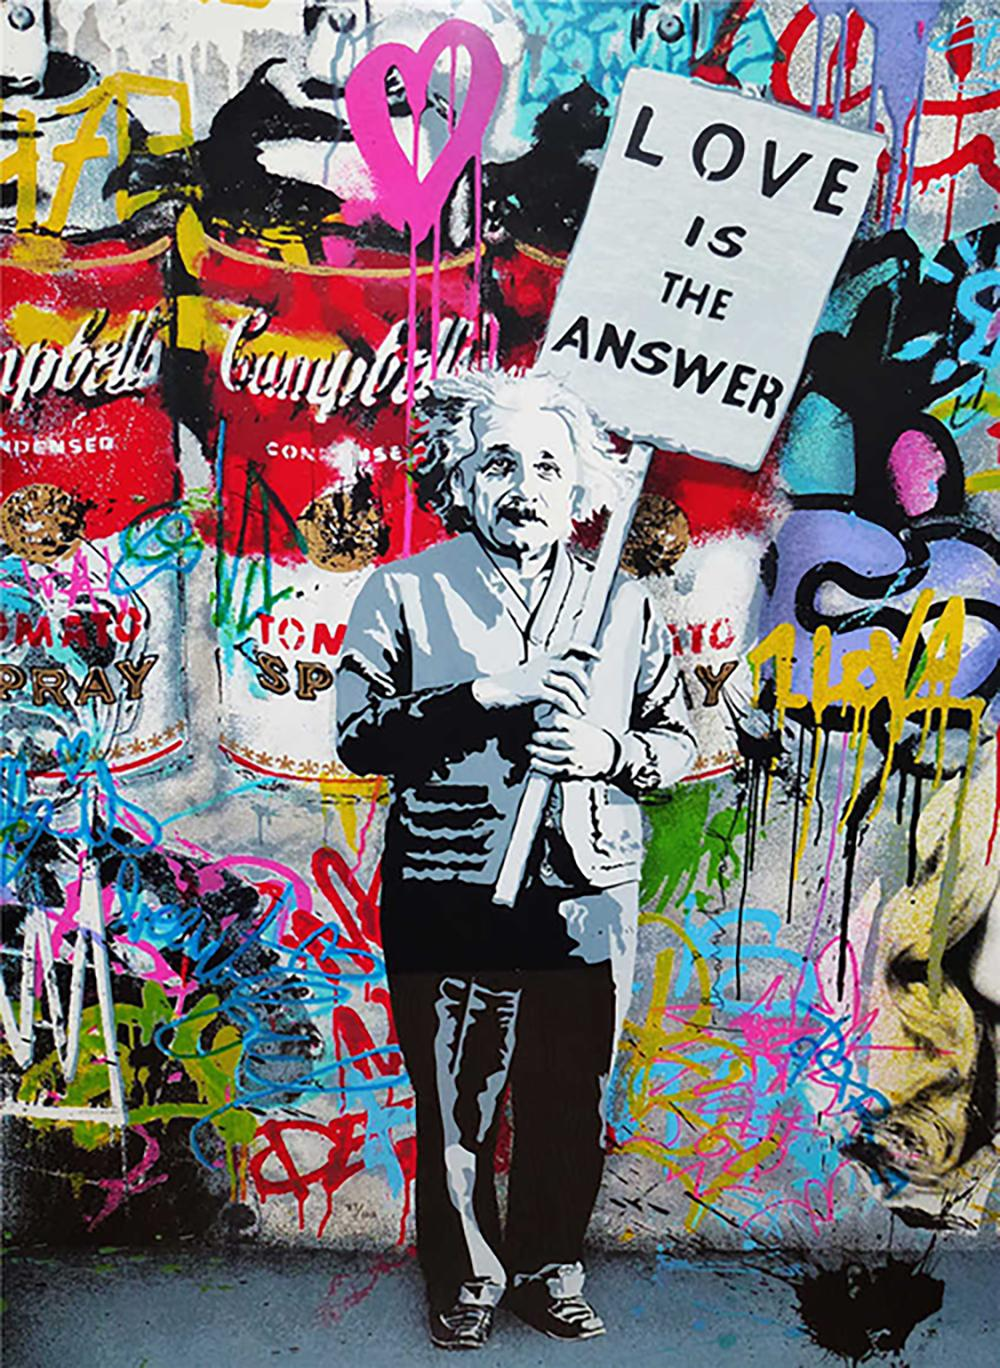 Liebe Die Antwort Ölgemälde auf Leinwand Home Decor Handkräfte / HD Print Wall Art Bild Anpassung ist akzeptabel 21050704